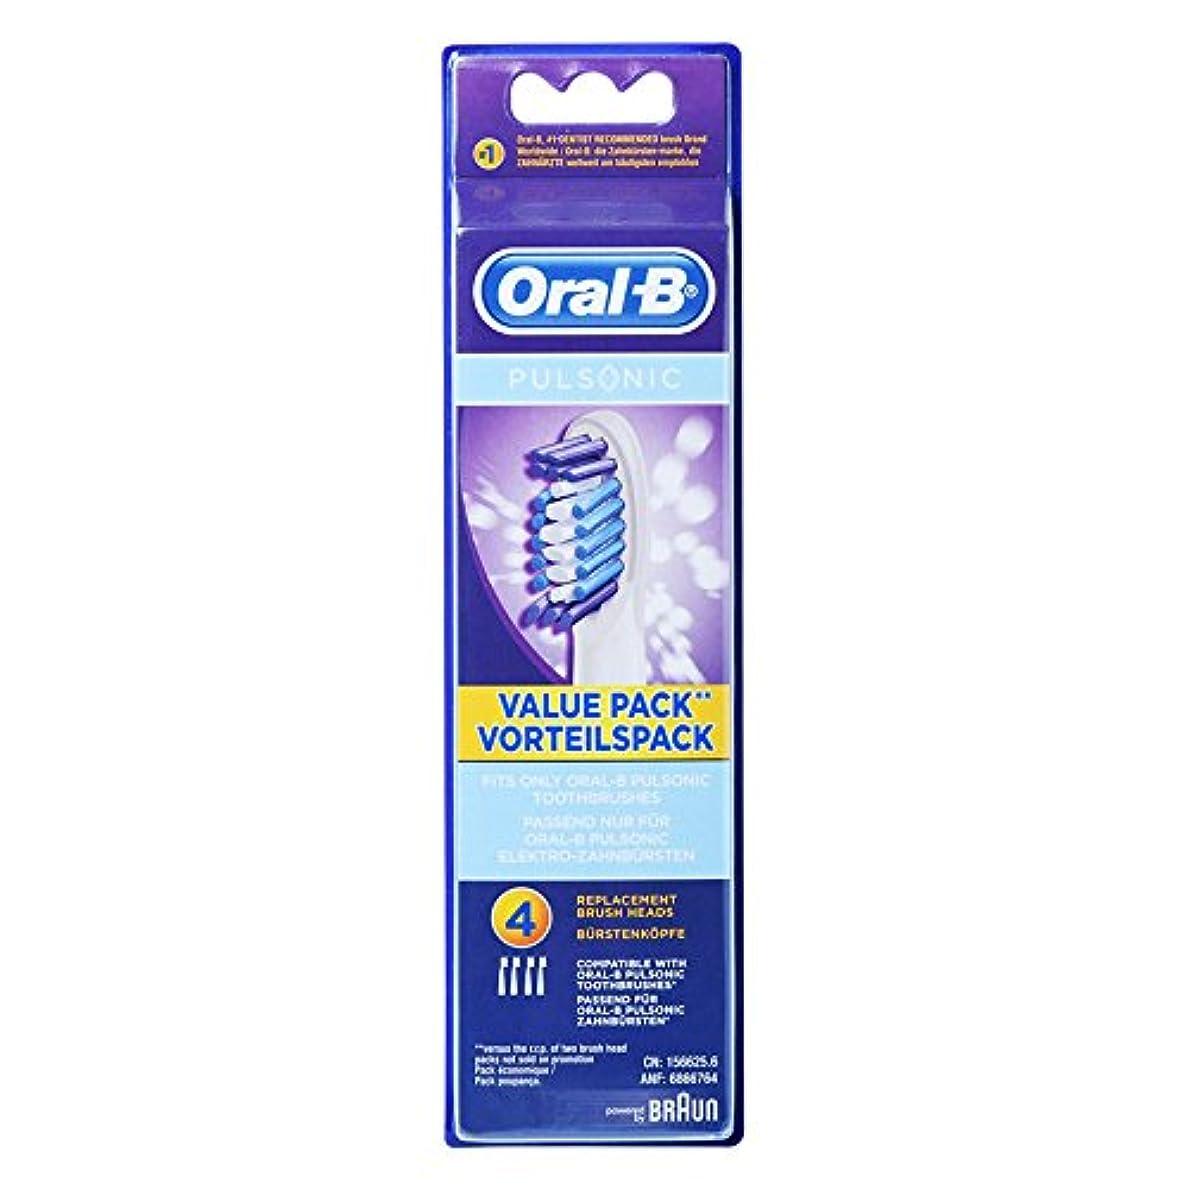 前投薬関連する議会Braun Oral-B SR32-4 Pulsonic Value Pack 交換用ブラシヘッド 1Pack [並行輸入品]